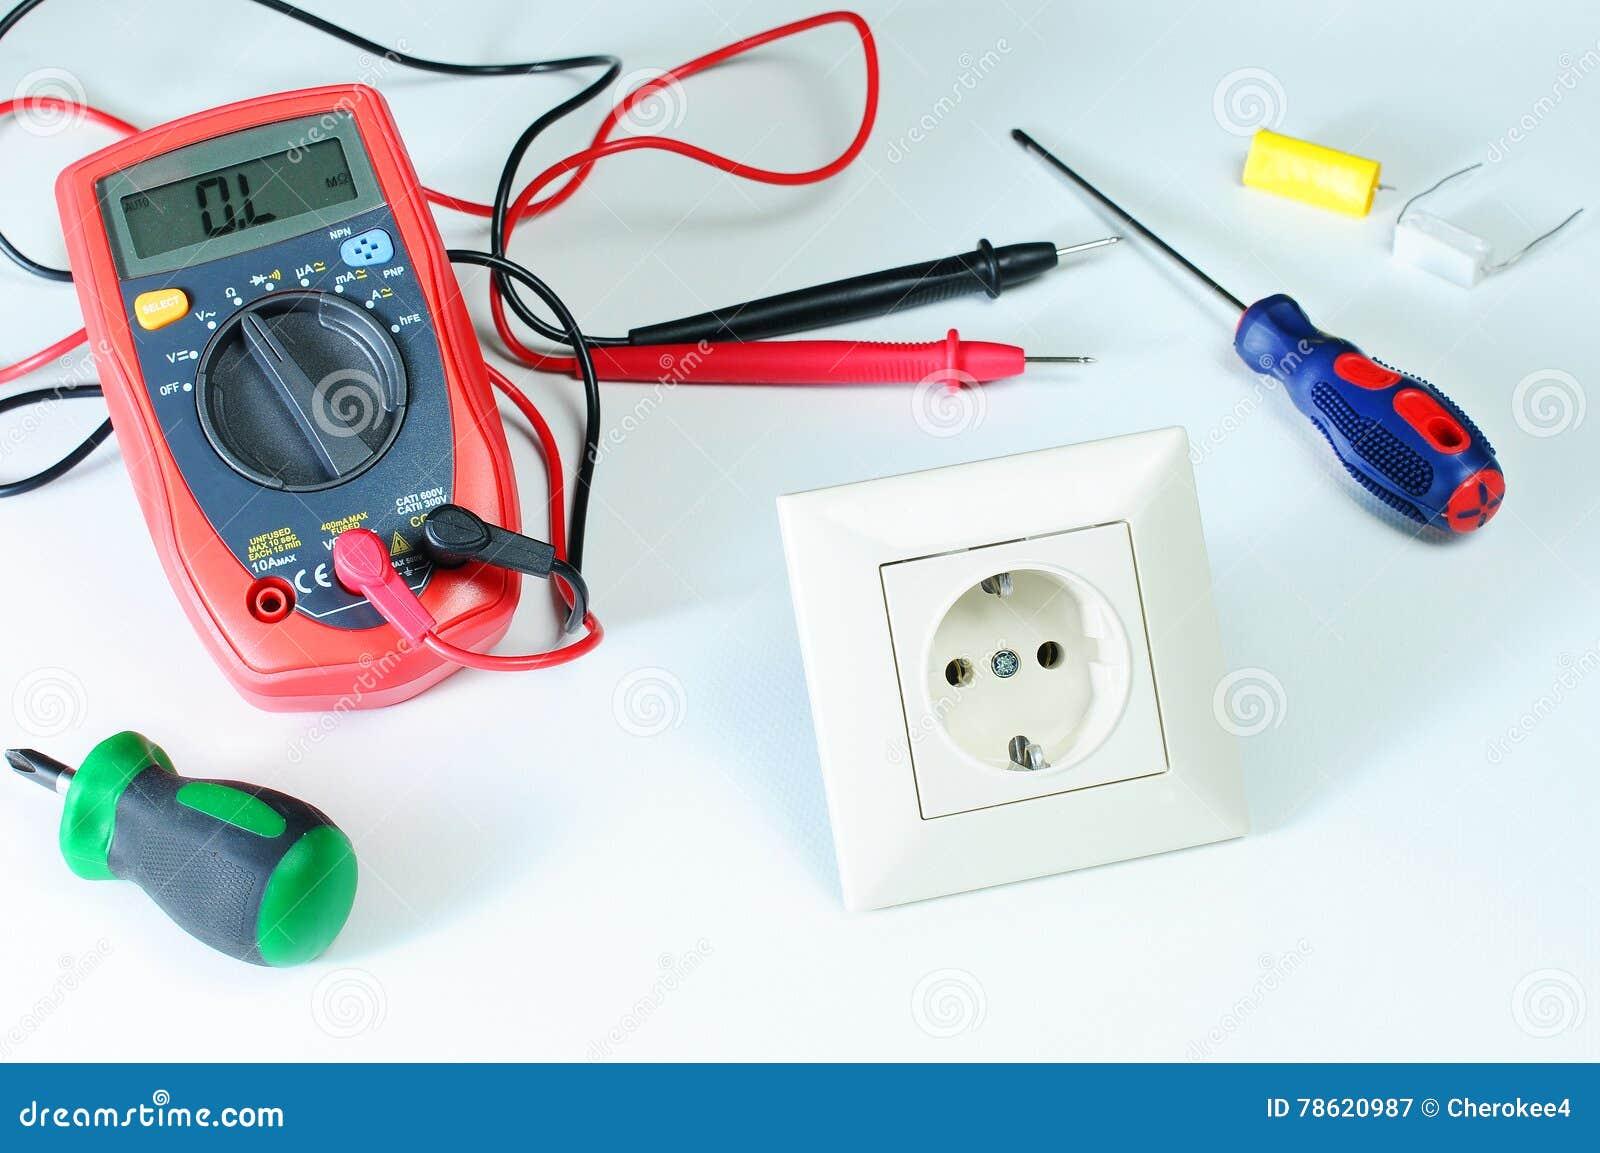 Цифровой вольтамперомметр или multitester или метр Вольт-ома, электронная измеряя аппаратура которая совмещает нескольк функцию и